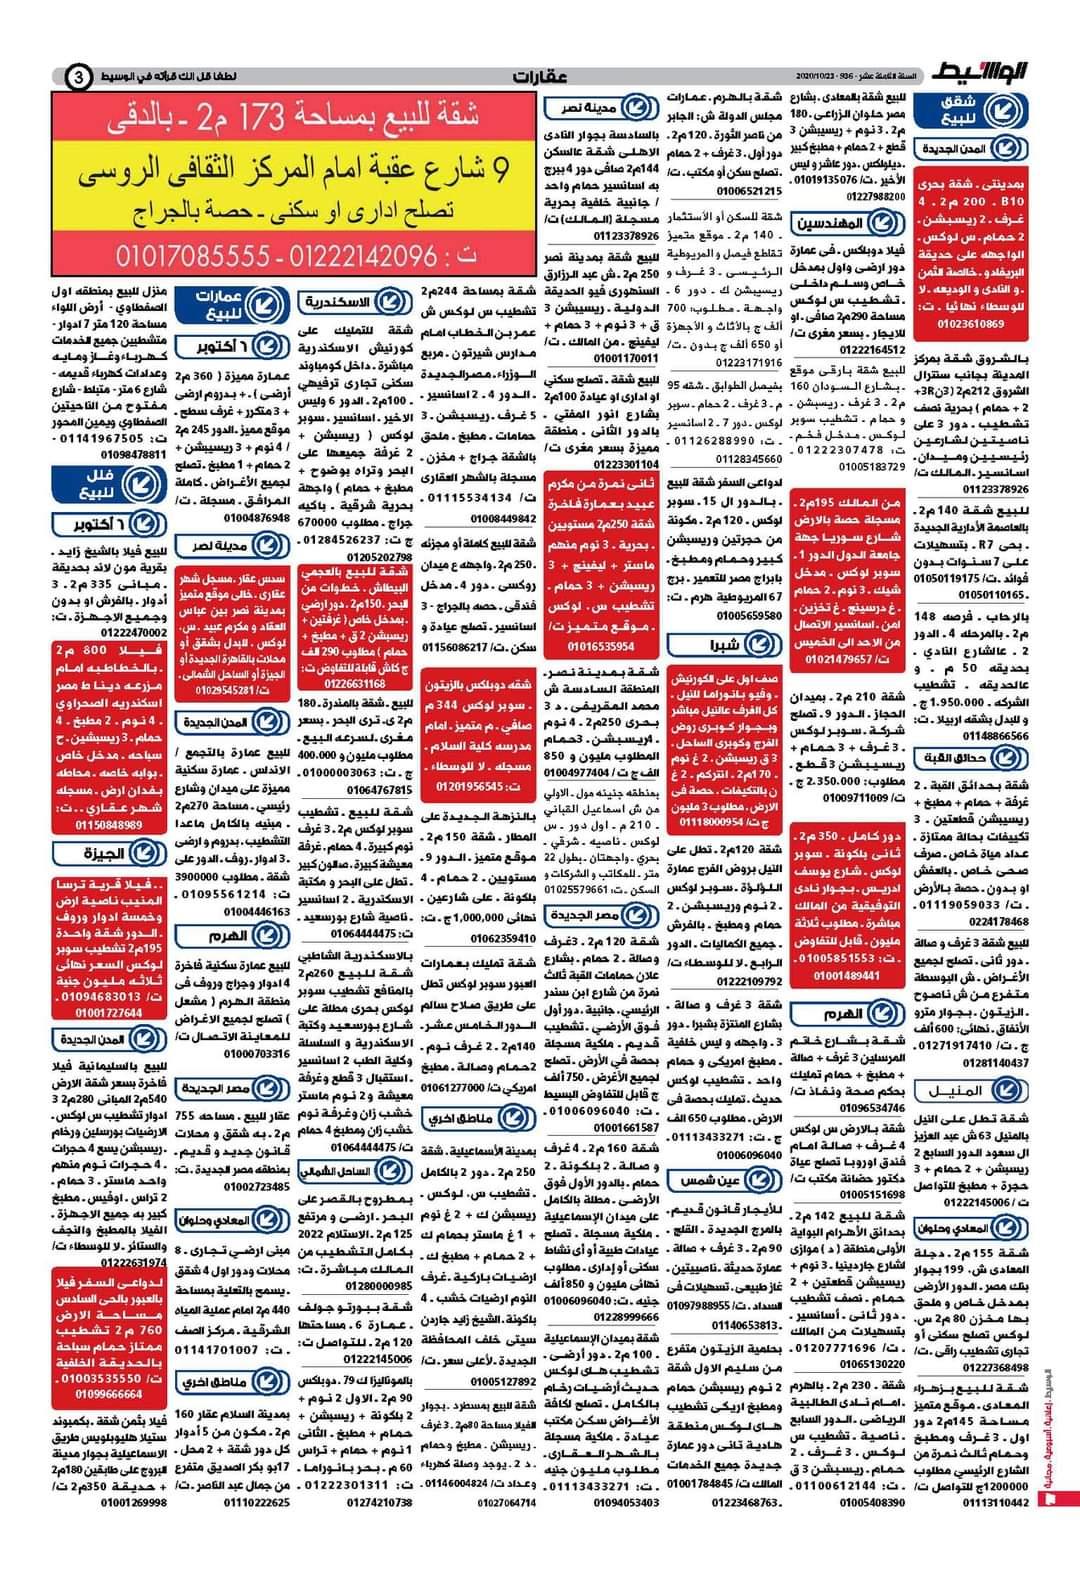 وظائف الوسيط و اعلانات مصر الجمعه 23 اكتوبر 2020 وسيط الجمعه